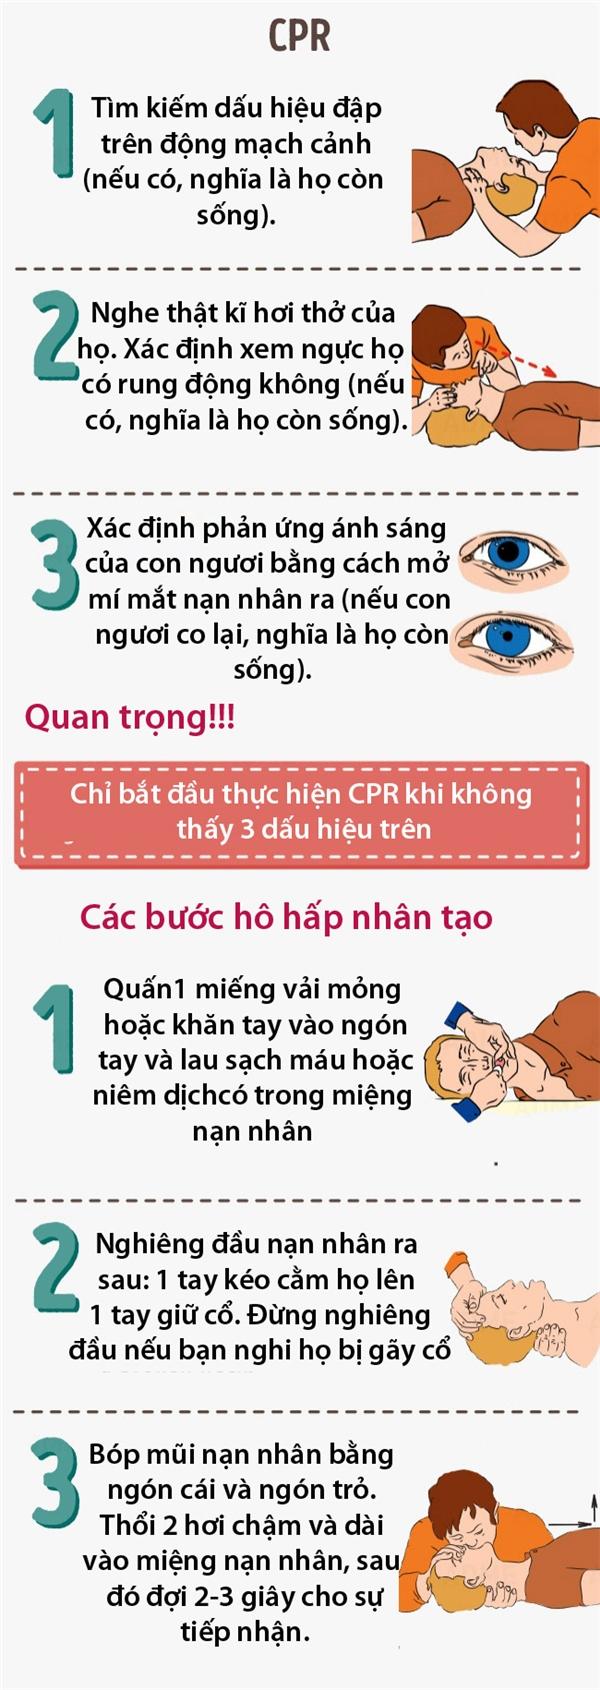 Học cách thực hiện CPR để tự cứu mình và người khác.